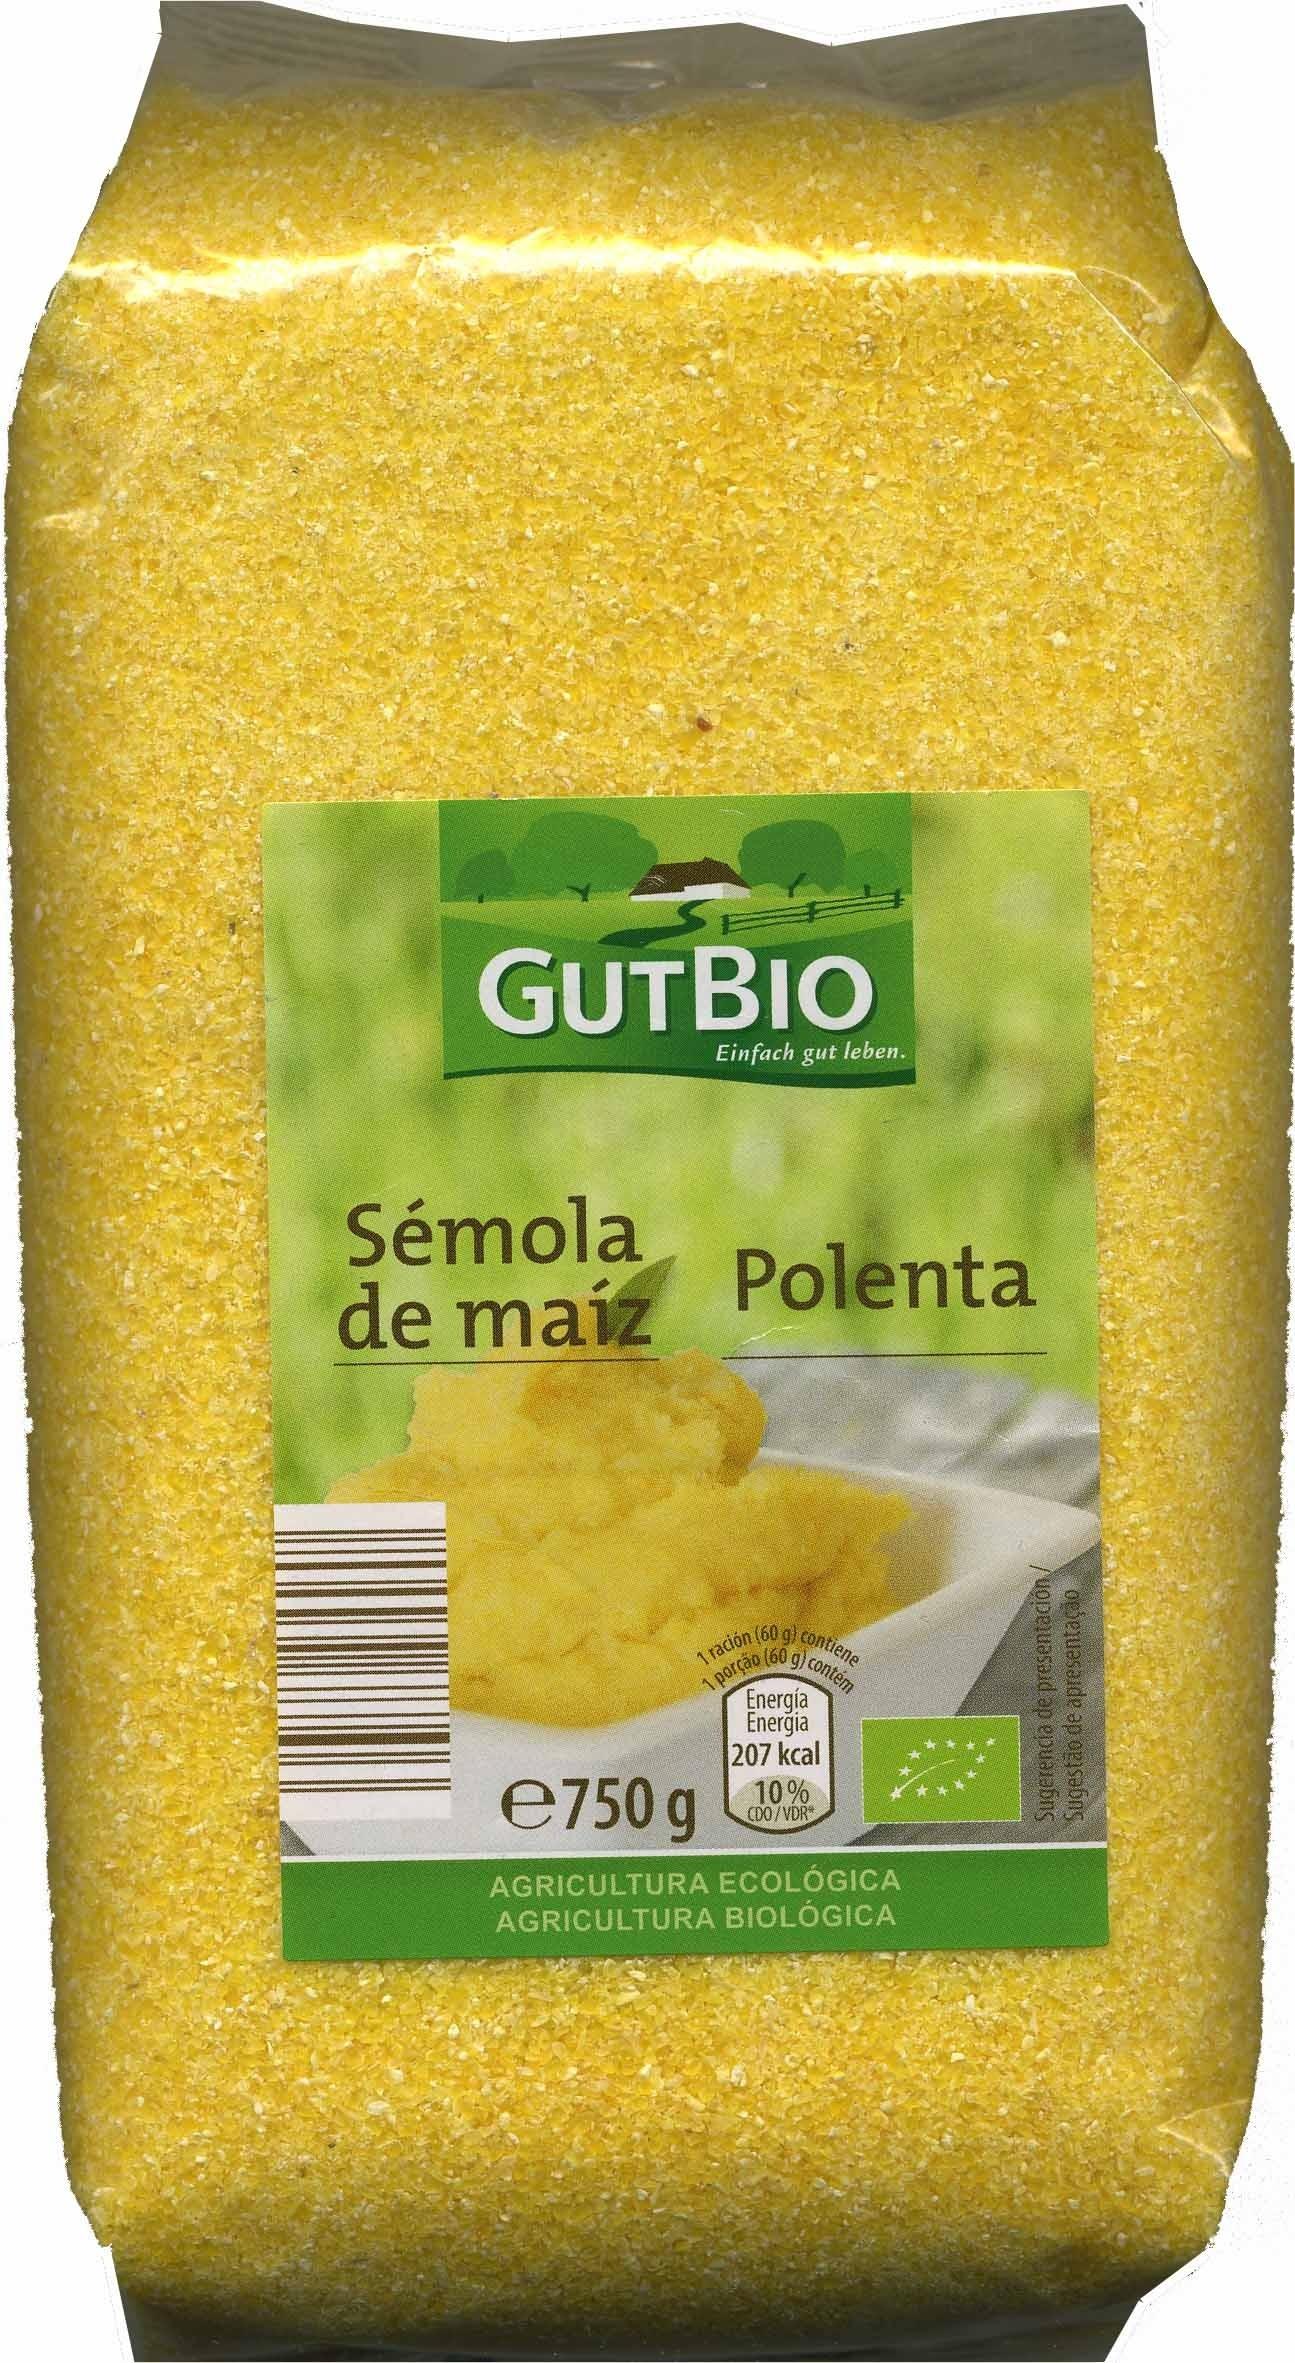 Sémola de trigo duro cuscús - Producto